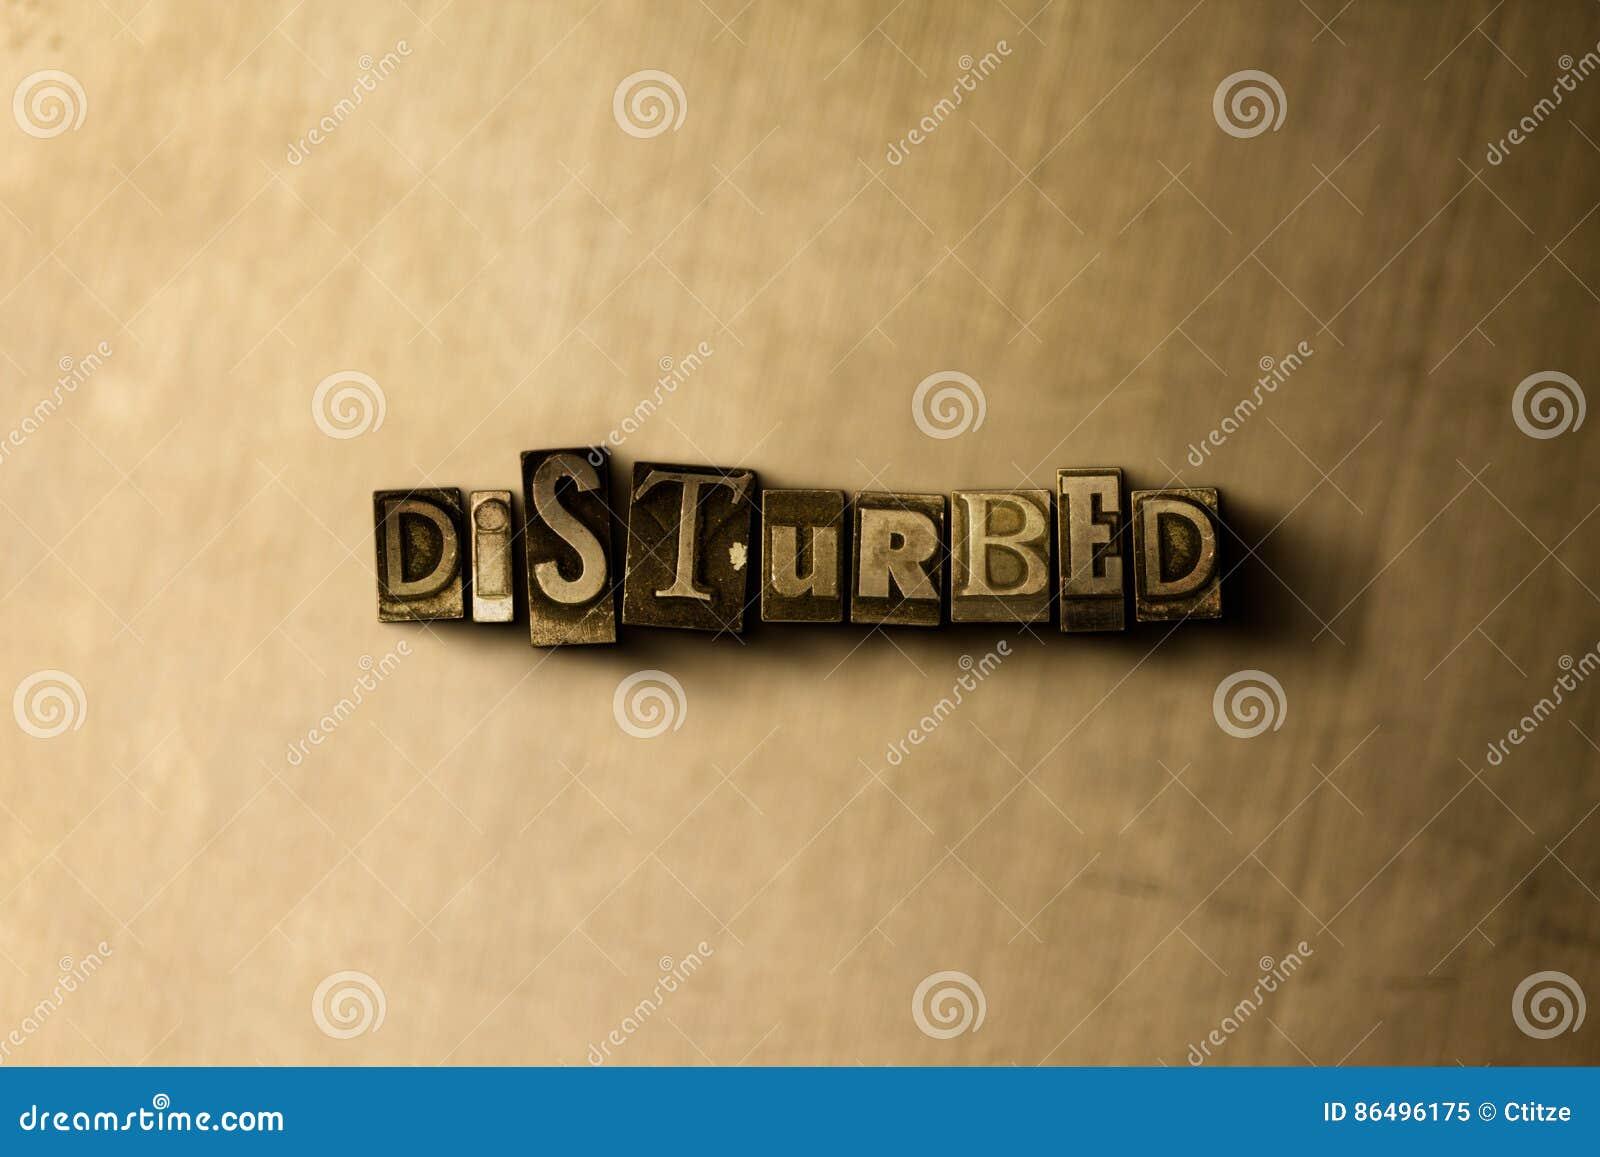 GESTOORD - close-up van grungy wijnoogst gezet woord op metaalachtergrond